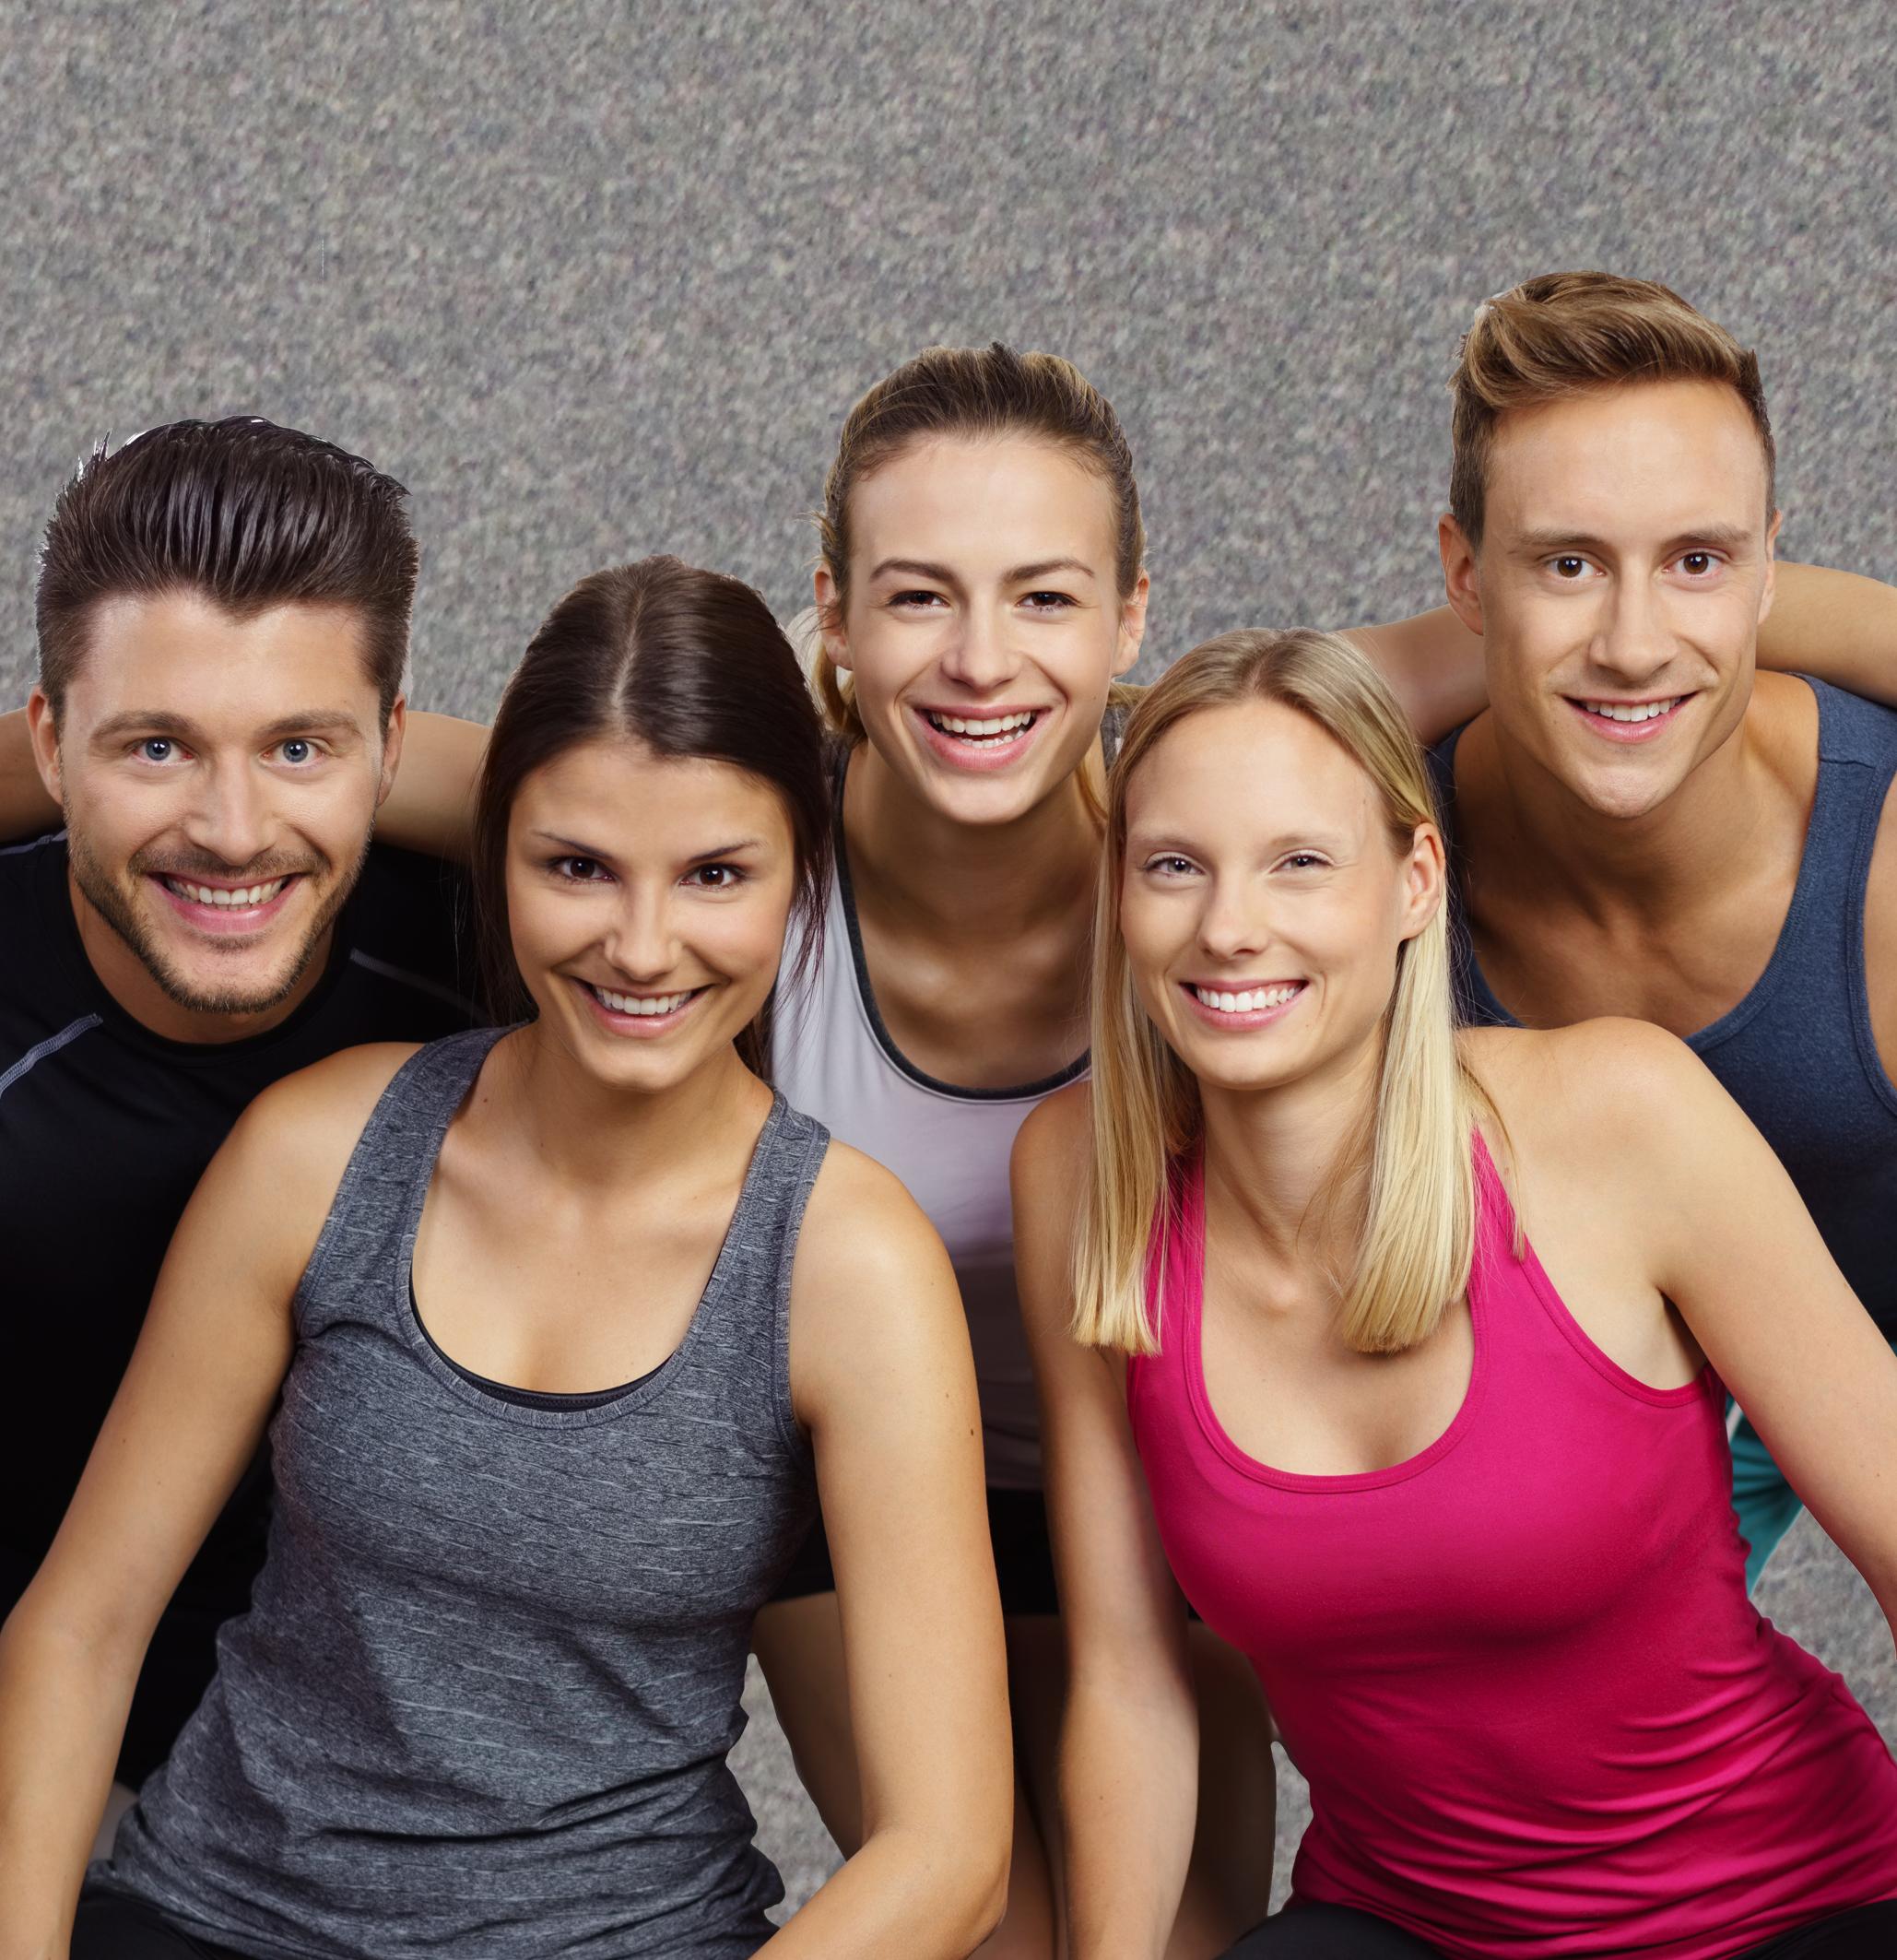 FitnessTrainer2